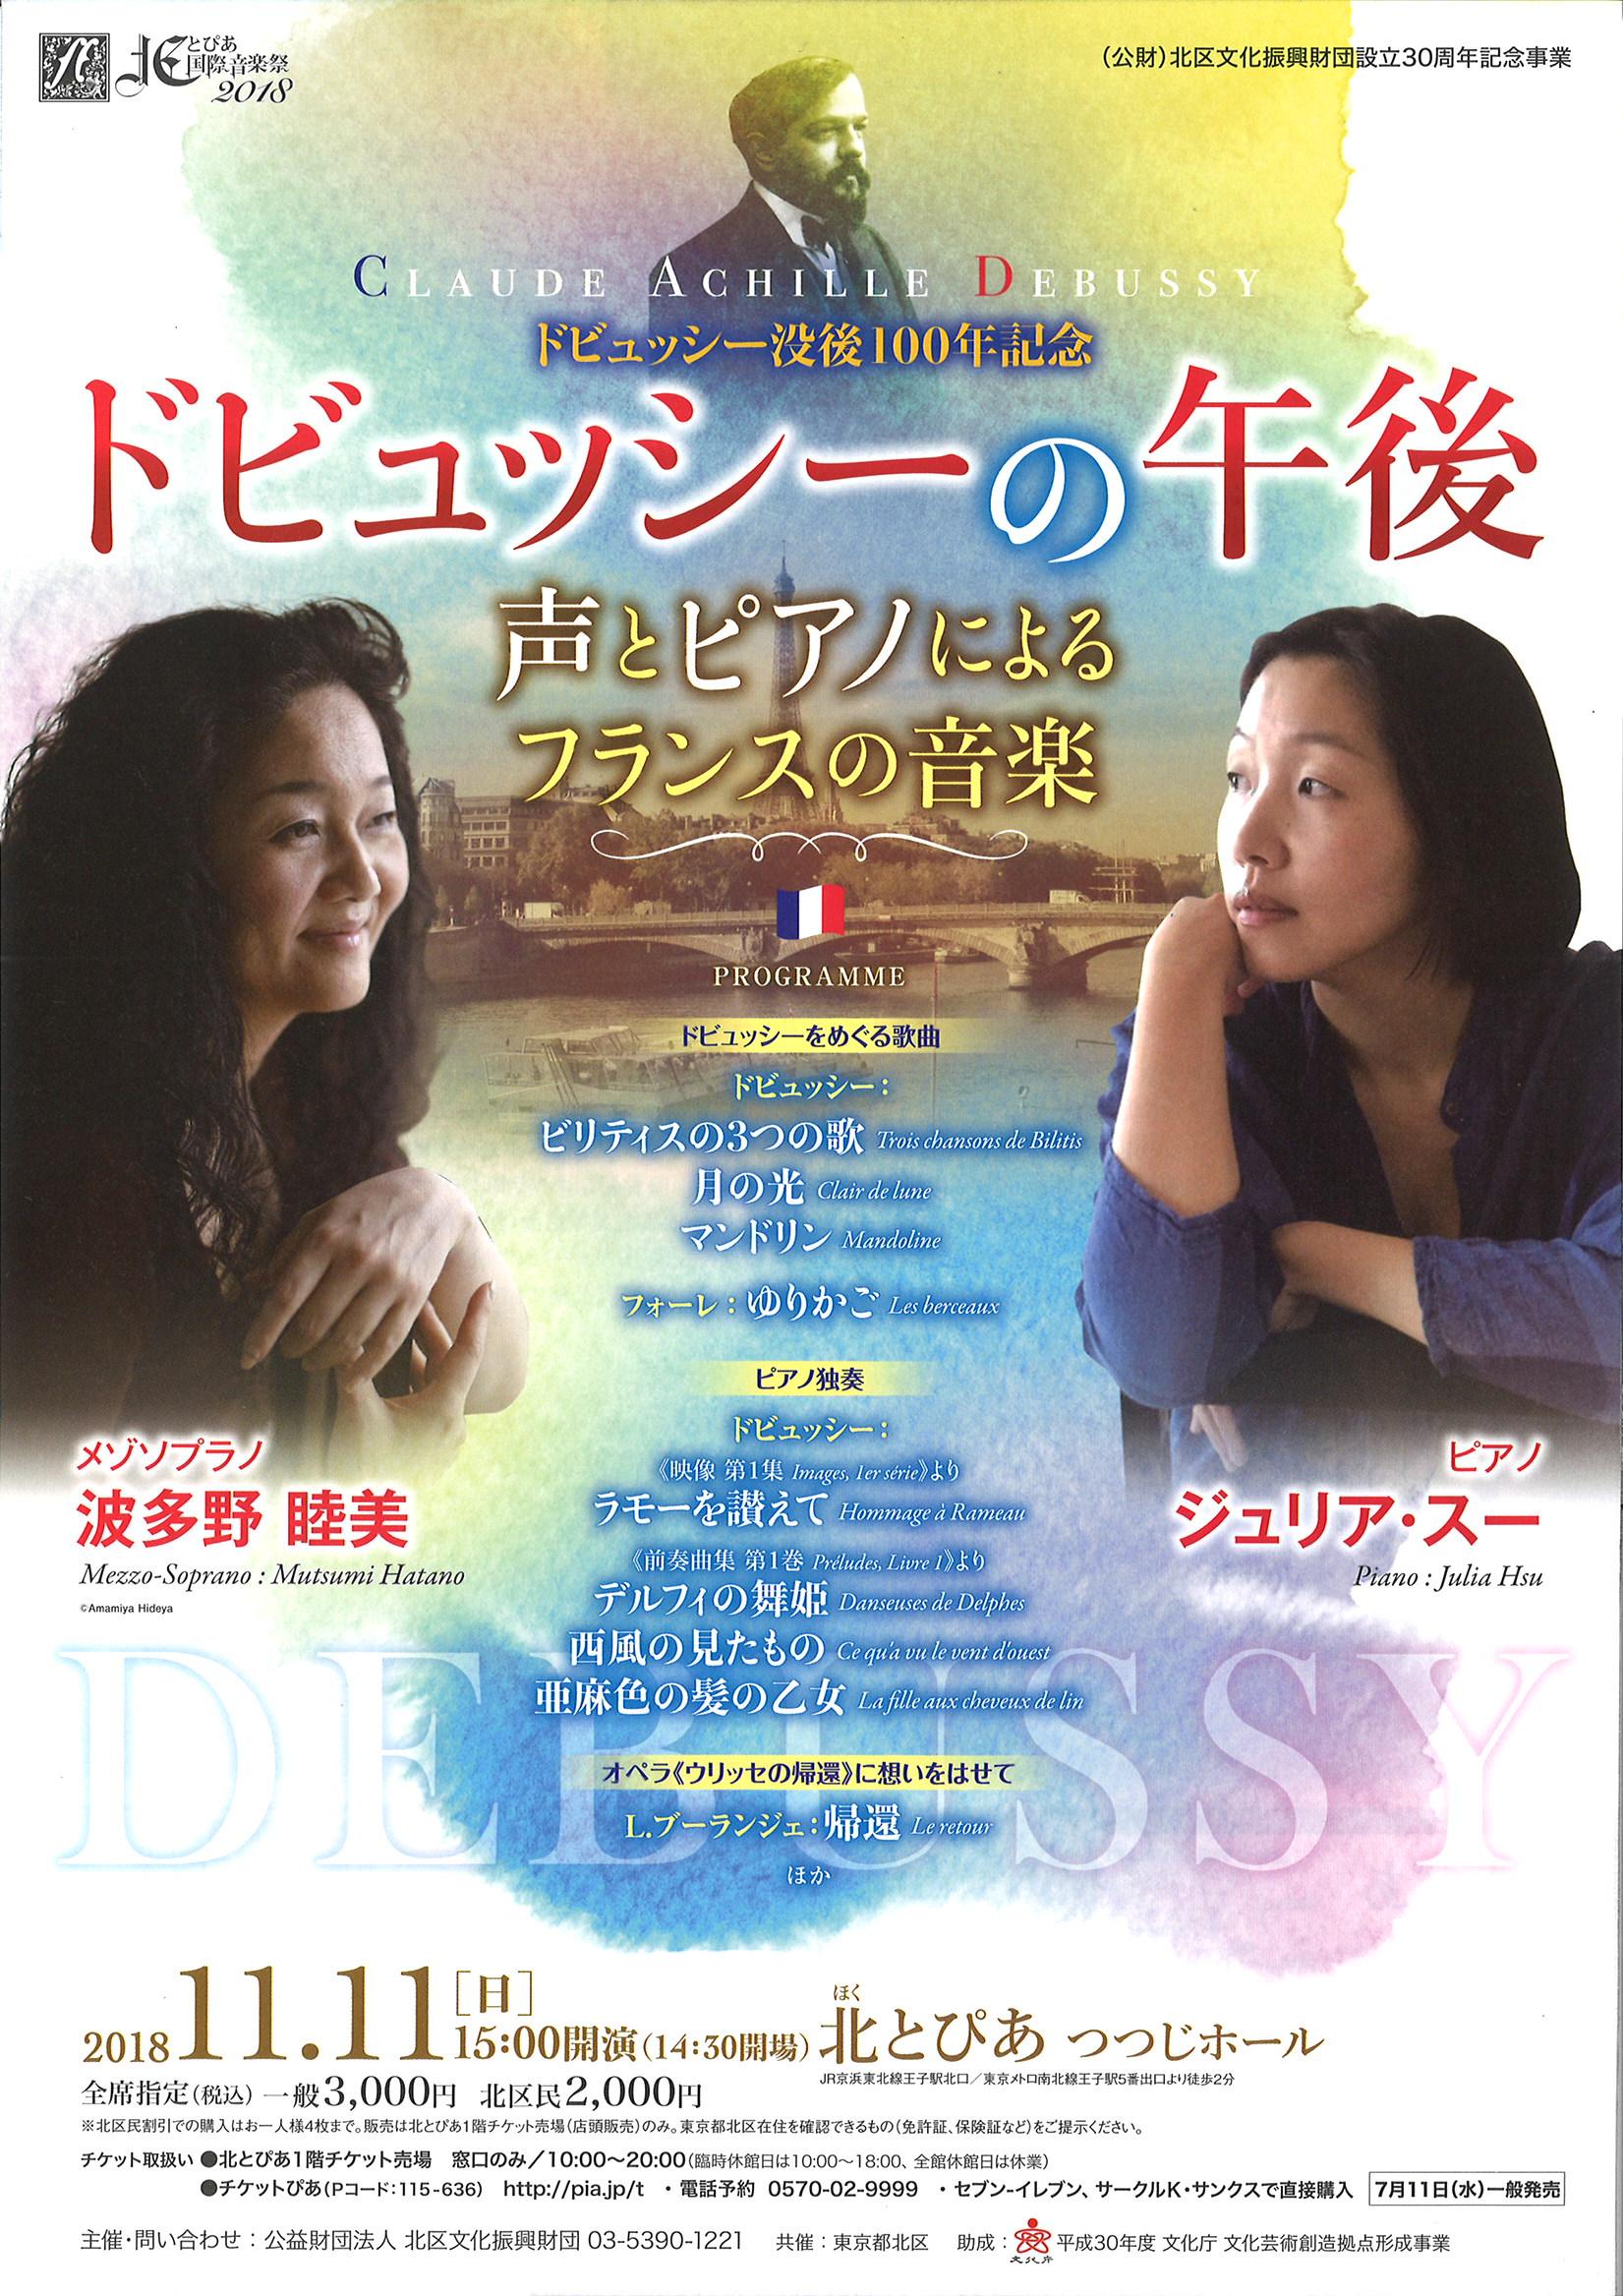 ドビュッシーの午後 ~声とピアノによるフランスの音楽~